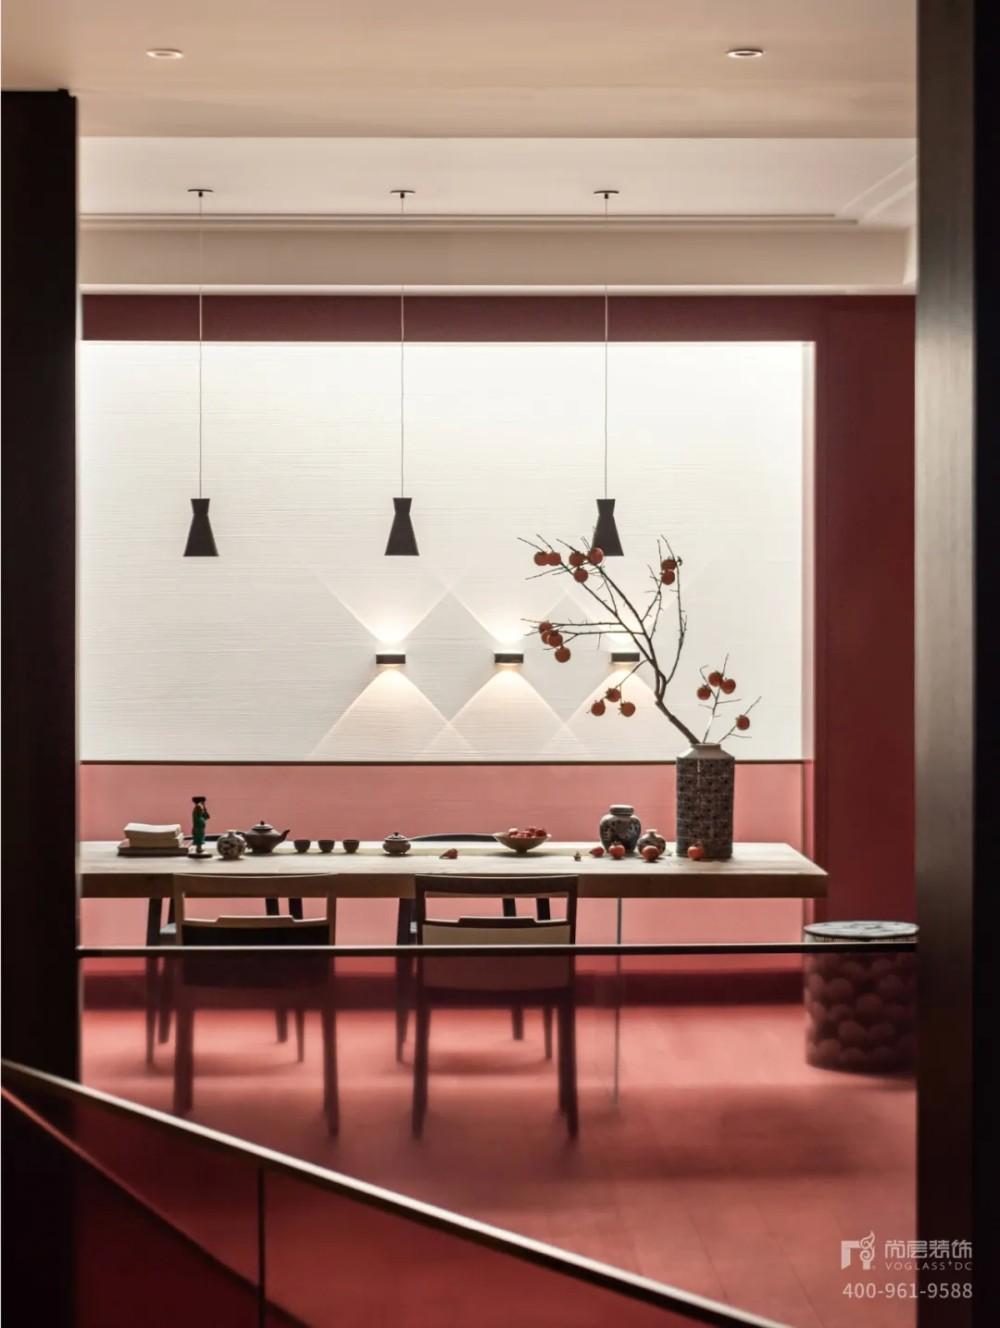 中信墅550.0m²混搭   融合现代与中式之美成就一方契合灵魂的归心之所-17.jpg